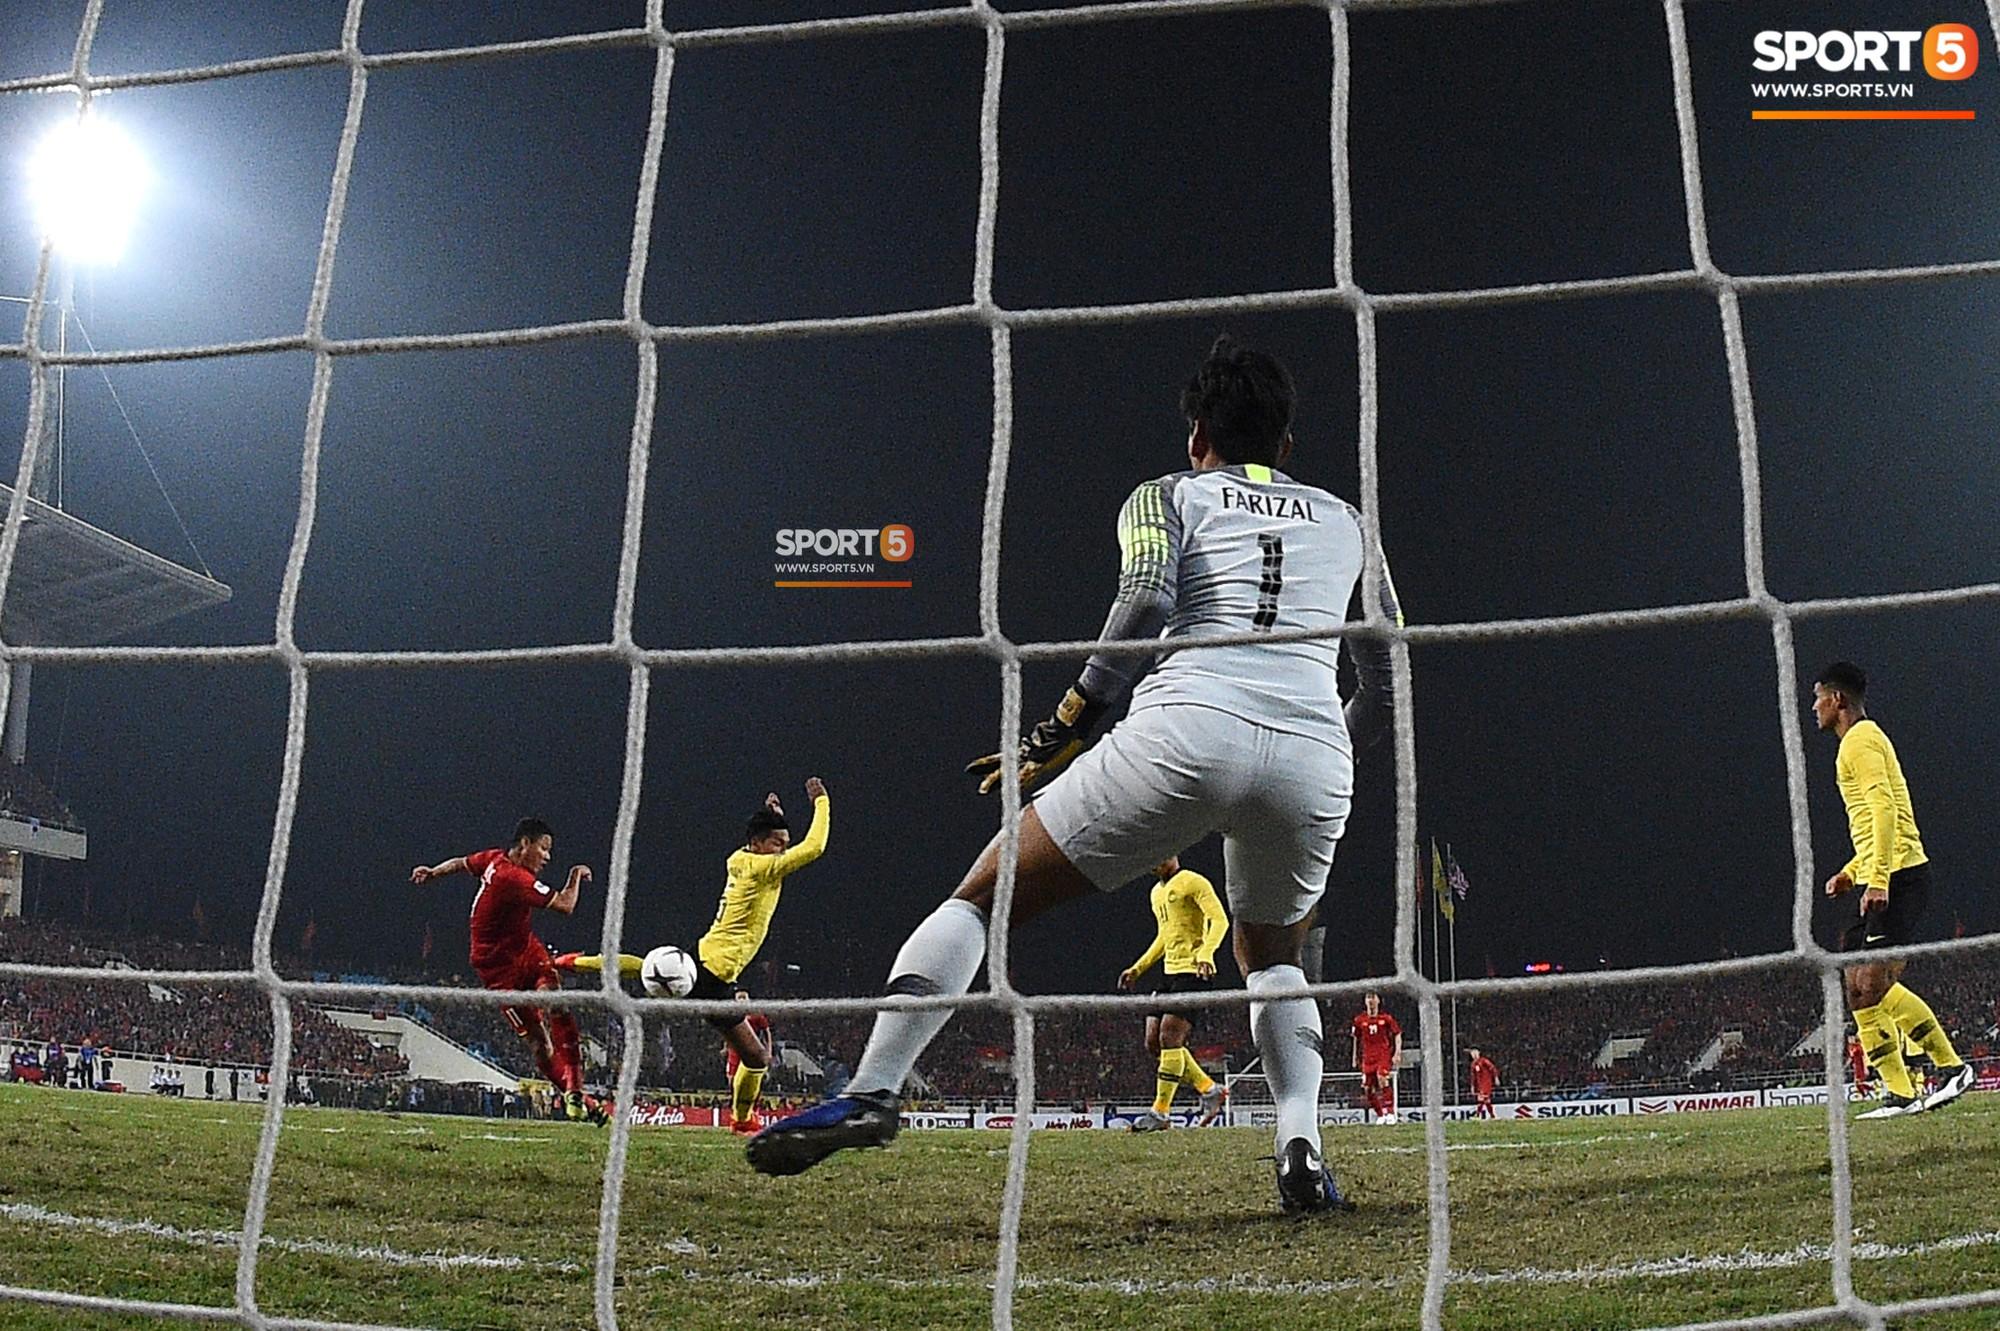 Góc ảnh độc đáo: Khoảnh khắc Anh Đức vô-lê tung lưới Malaysia nhìn từ phía sau cầu môn - Ảnh 2.